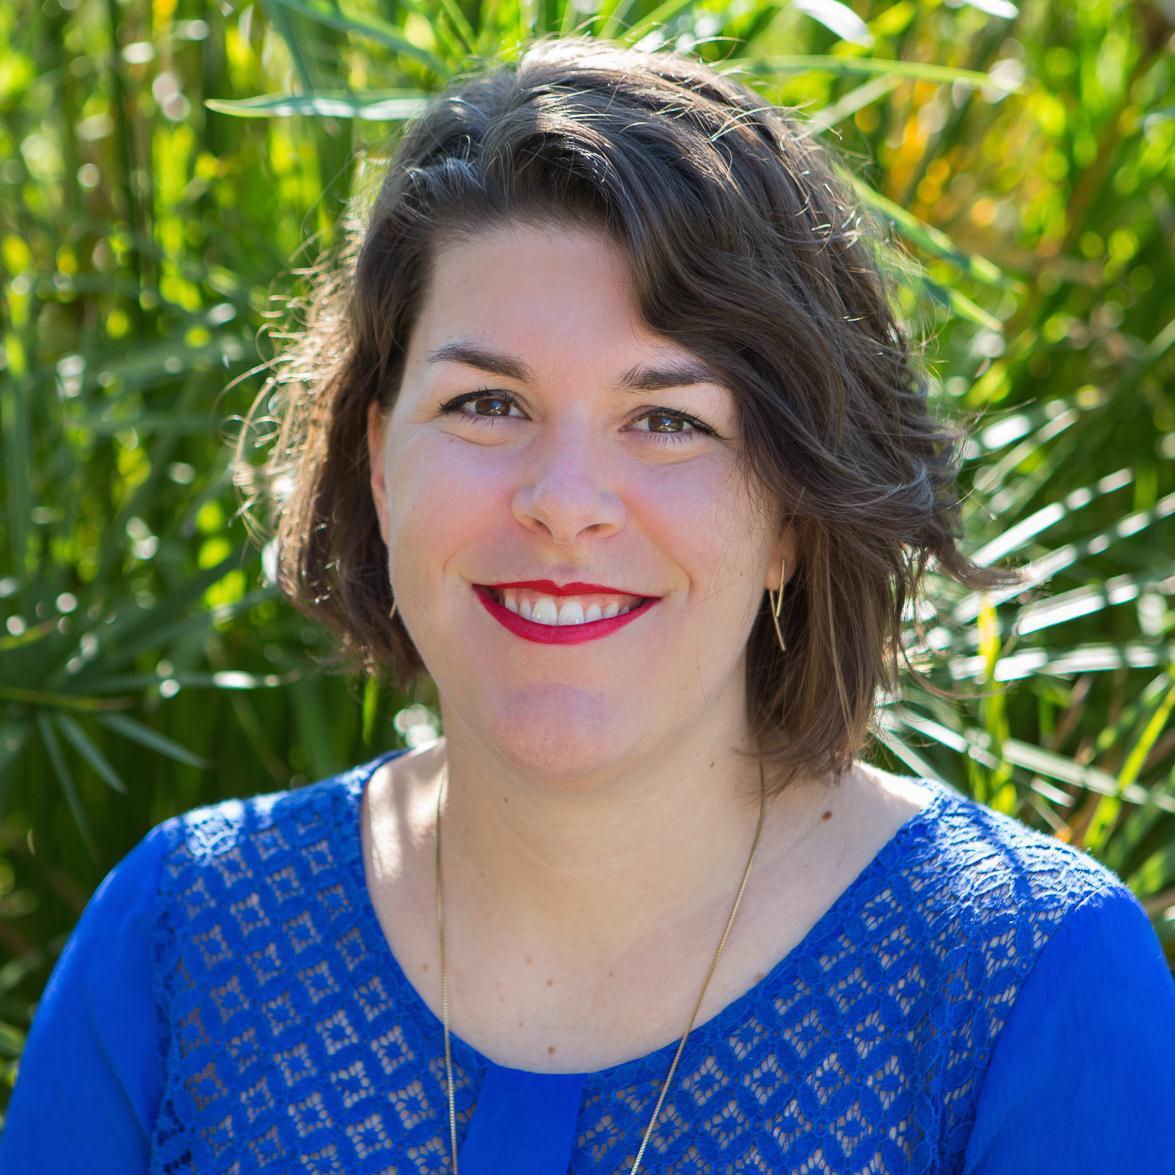 Allison DeJong crop.jpg